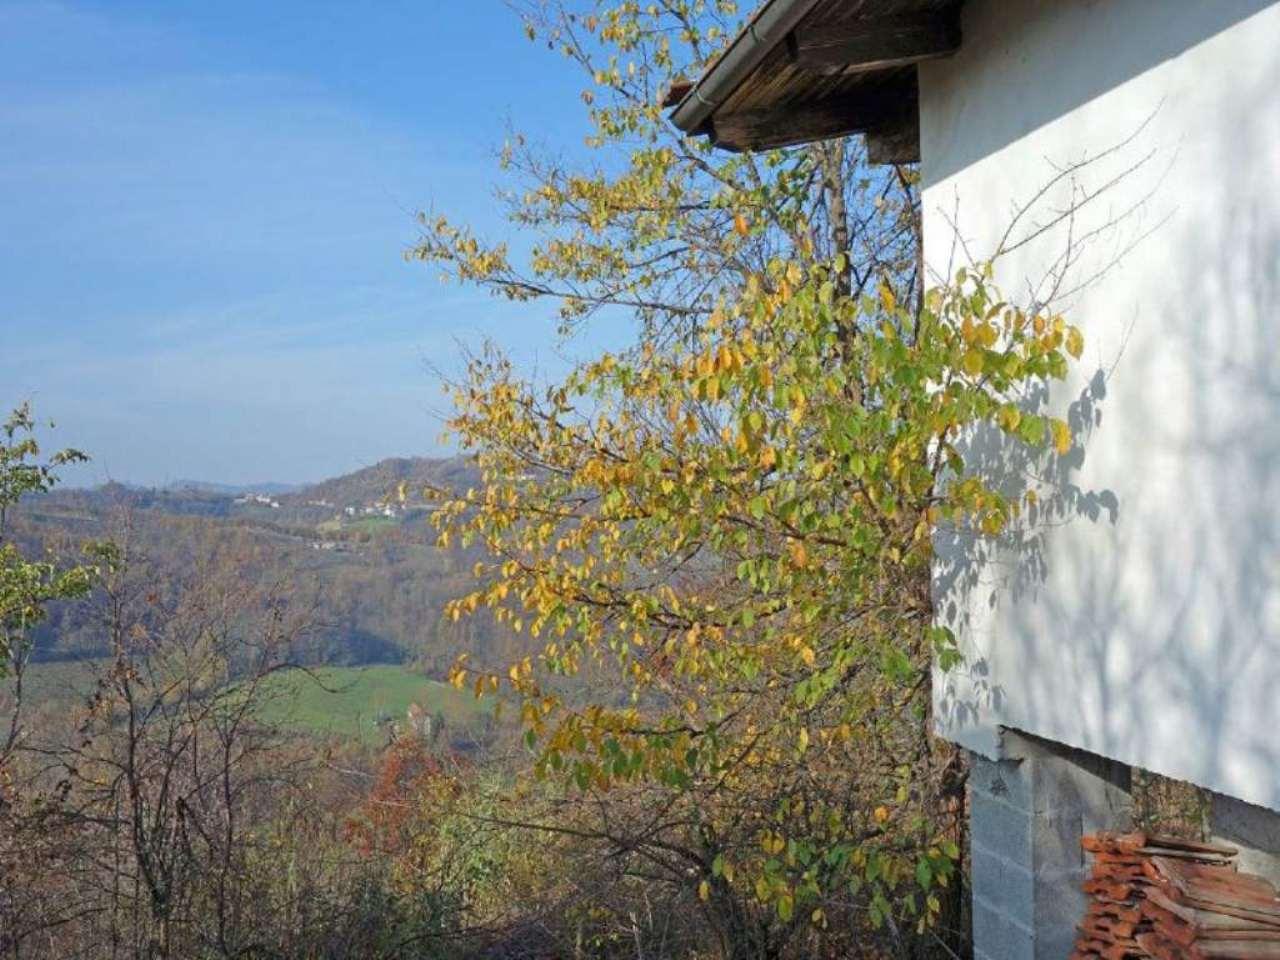 Villa in vendita a Prasco, 2 locali, prezzo € 45.000 | CambioCasa.it